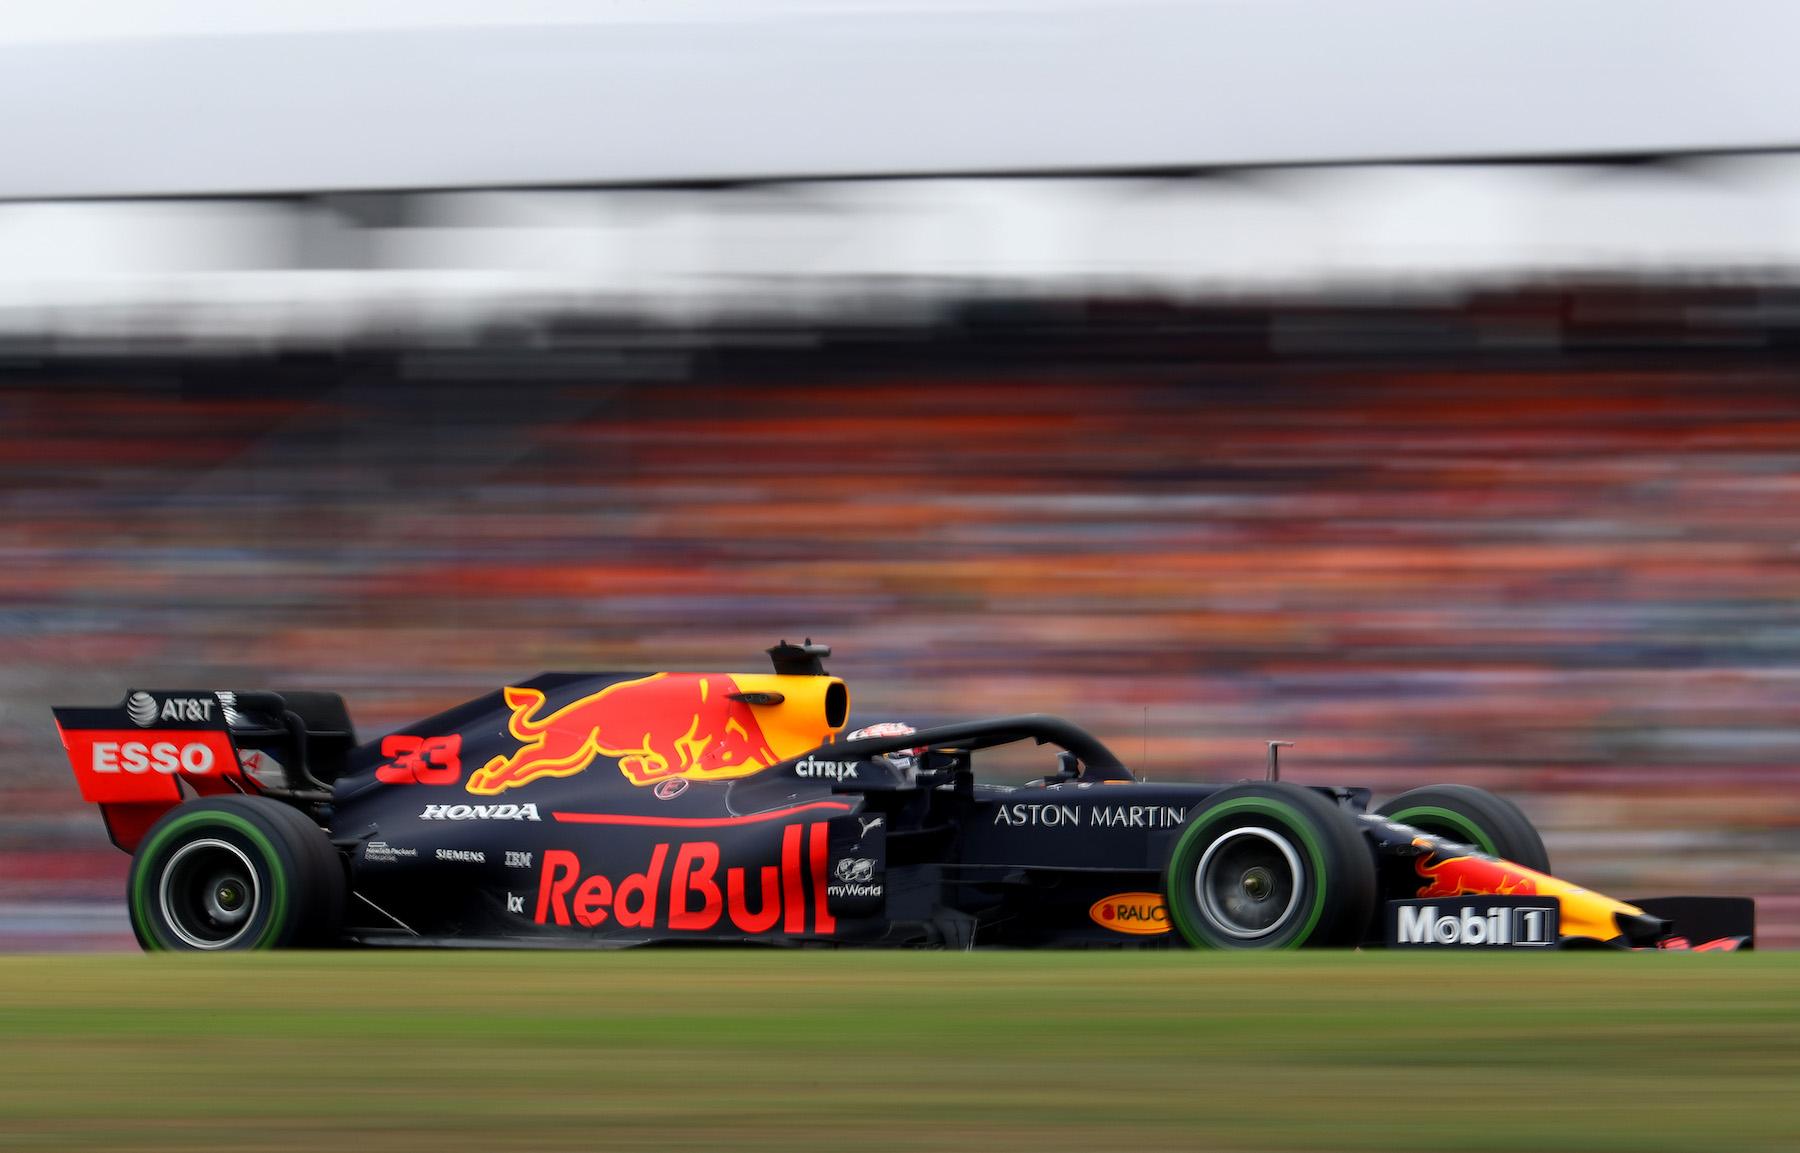 5 2019 German GP Sunday 23.jpg